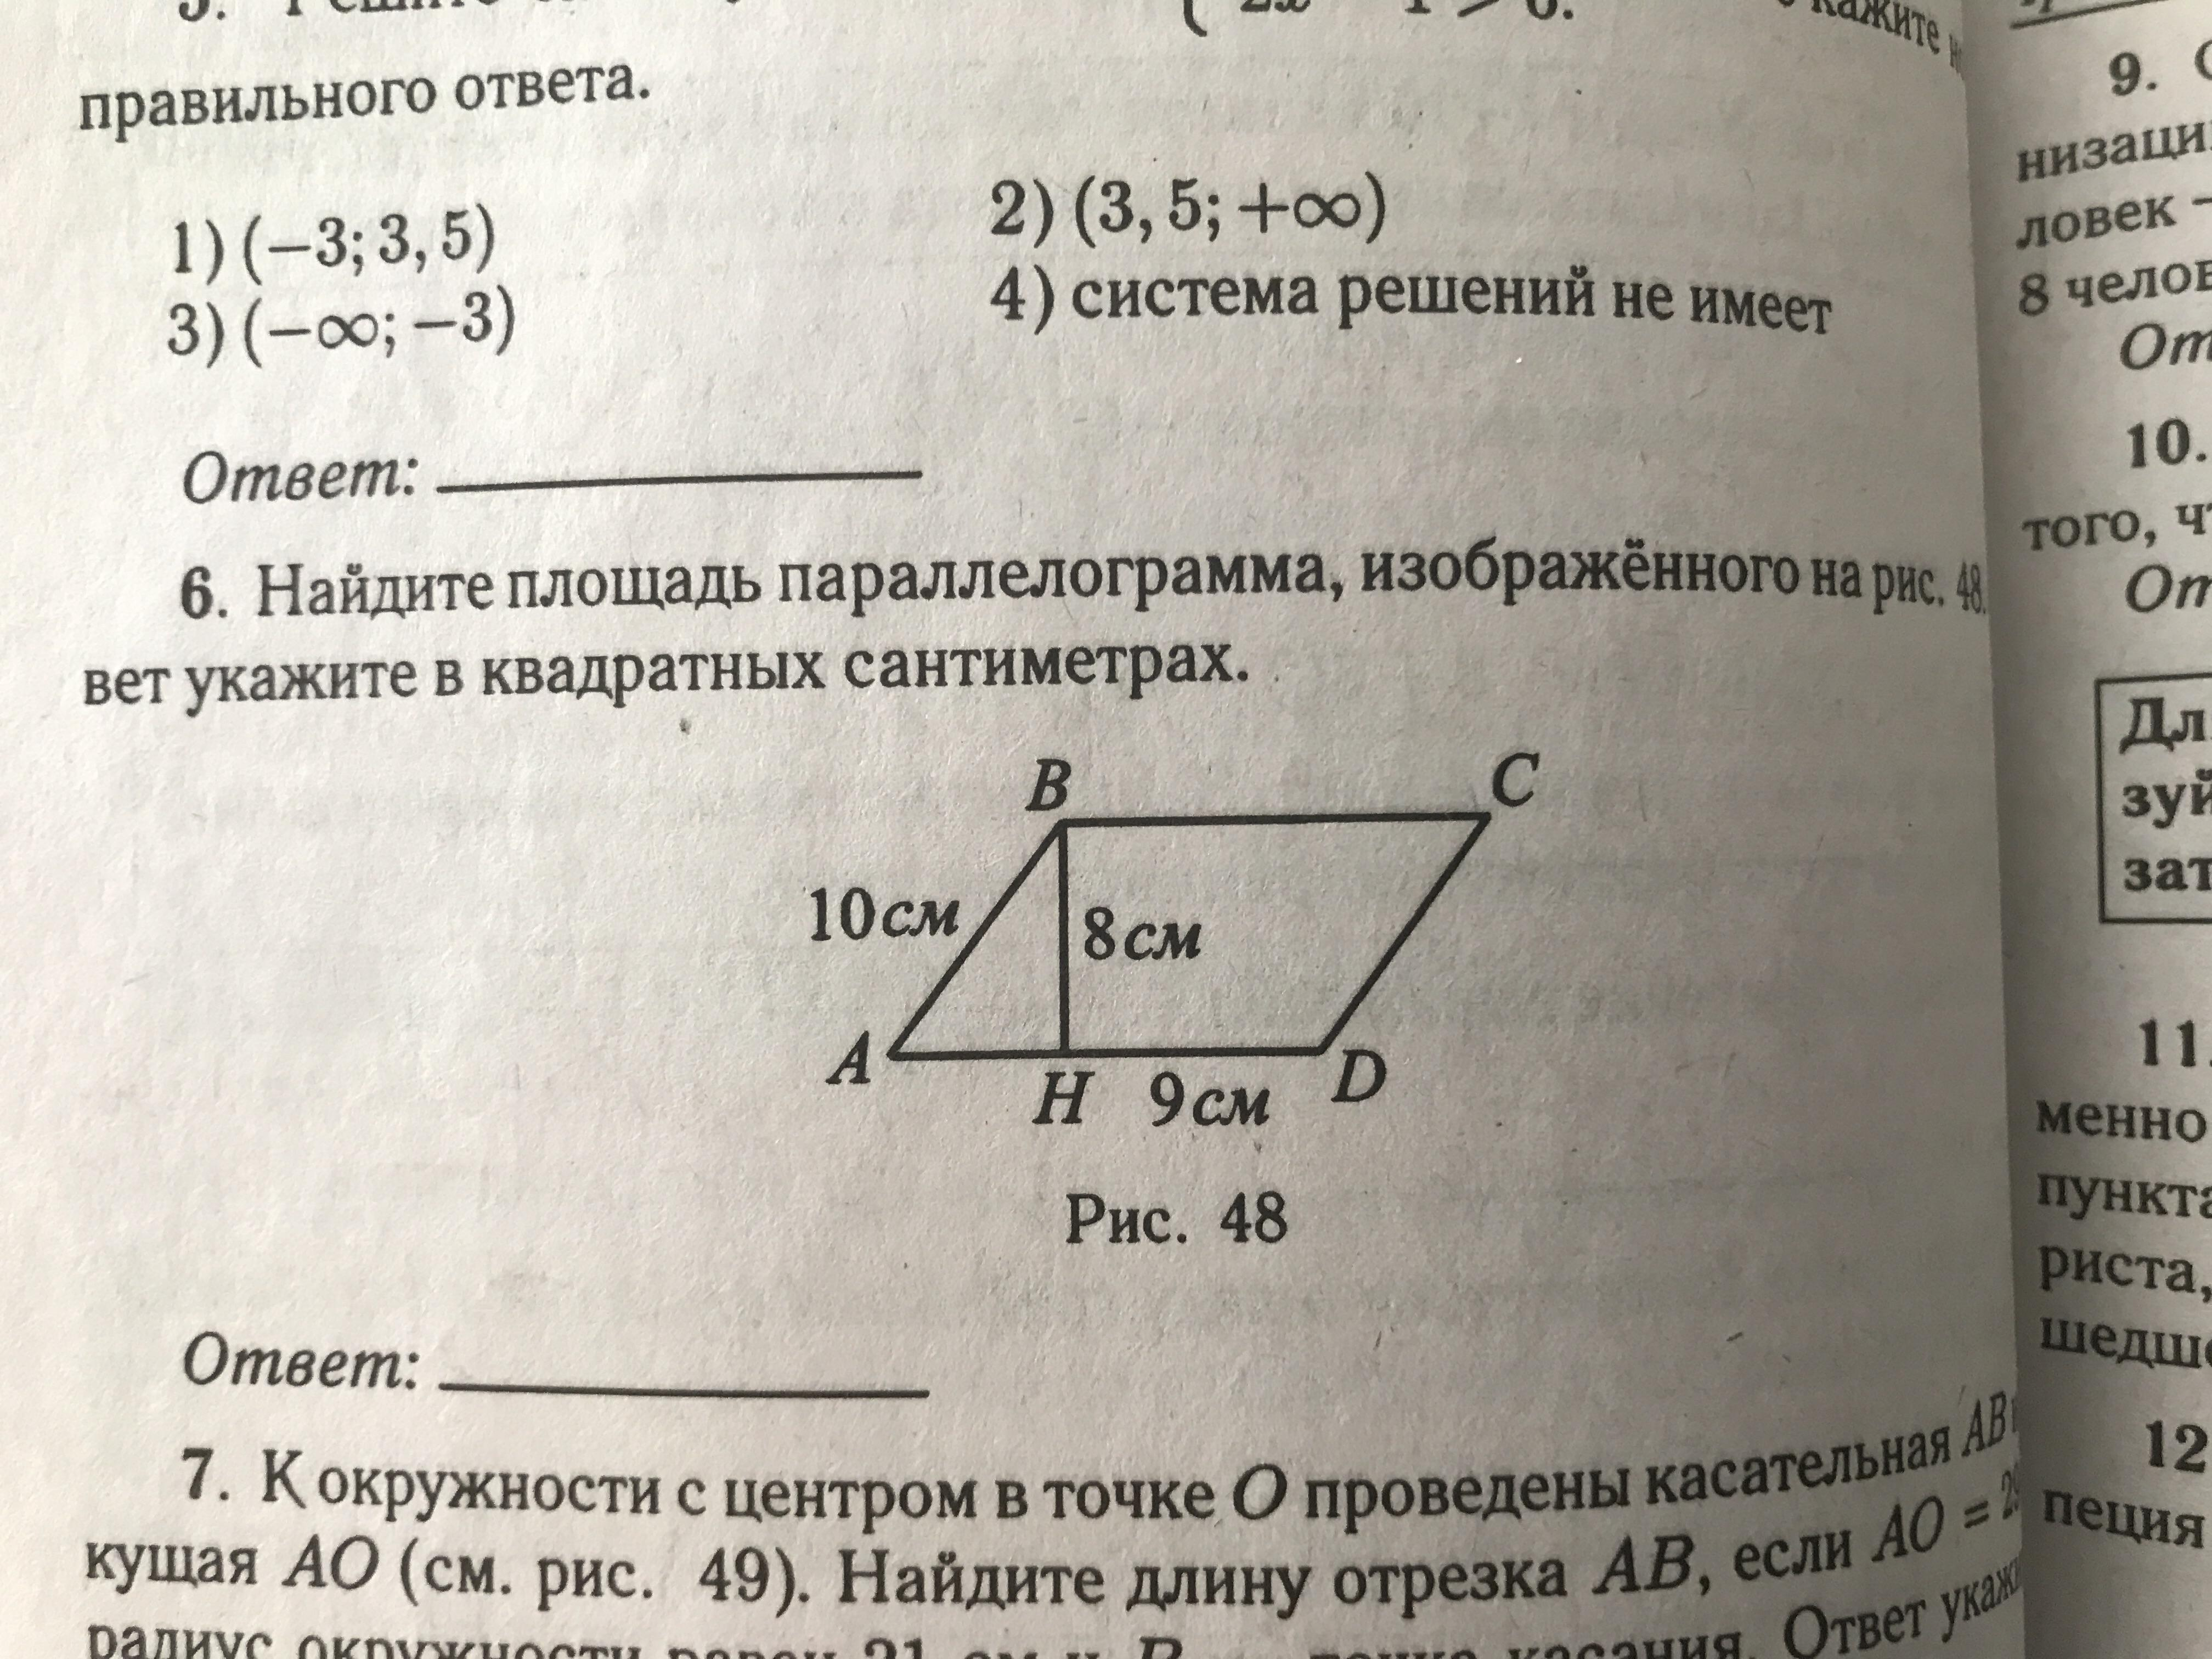 Помогите пожалуйста с 6 заданием